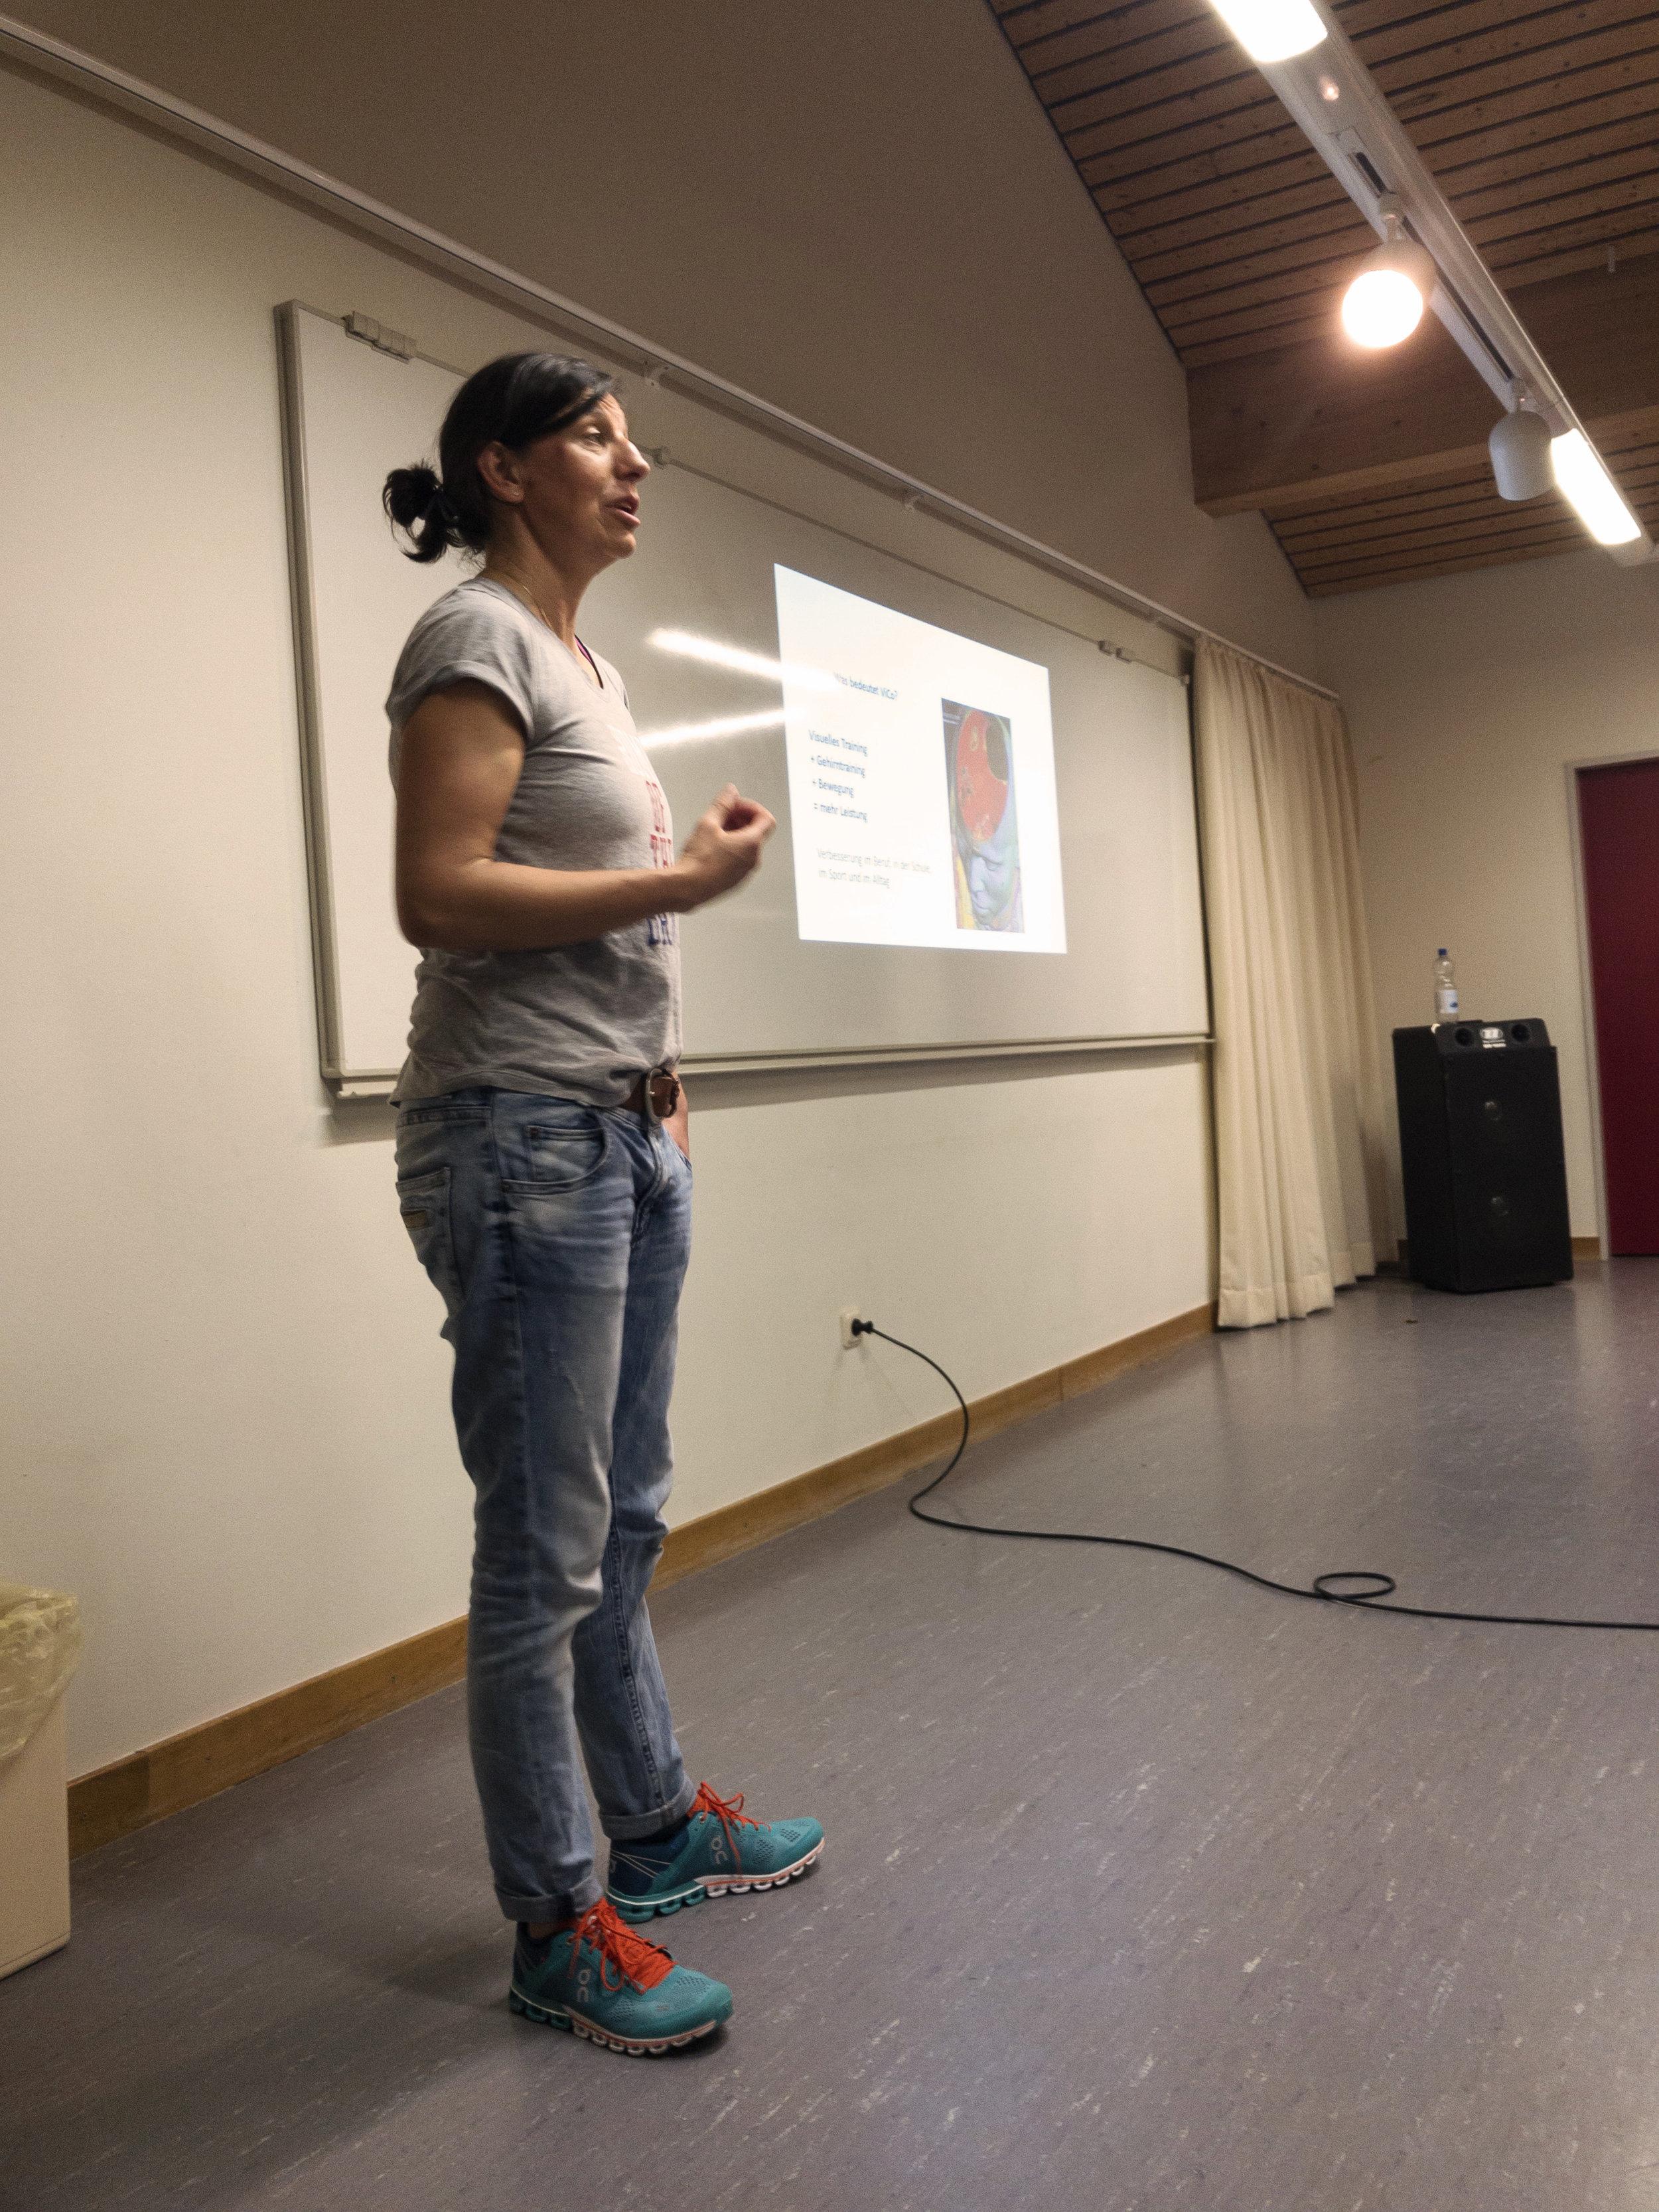 - Neben der Arbeit auf dem Platz, arbeite ich noch als Vortragsreferentin fürViCo und Visual Training